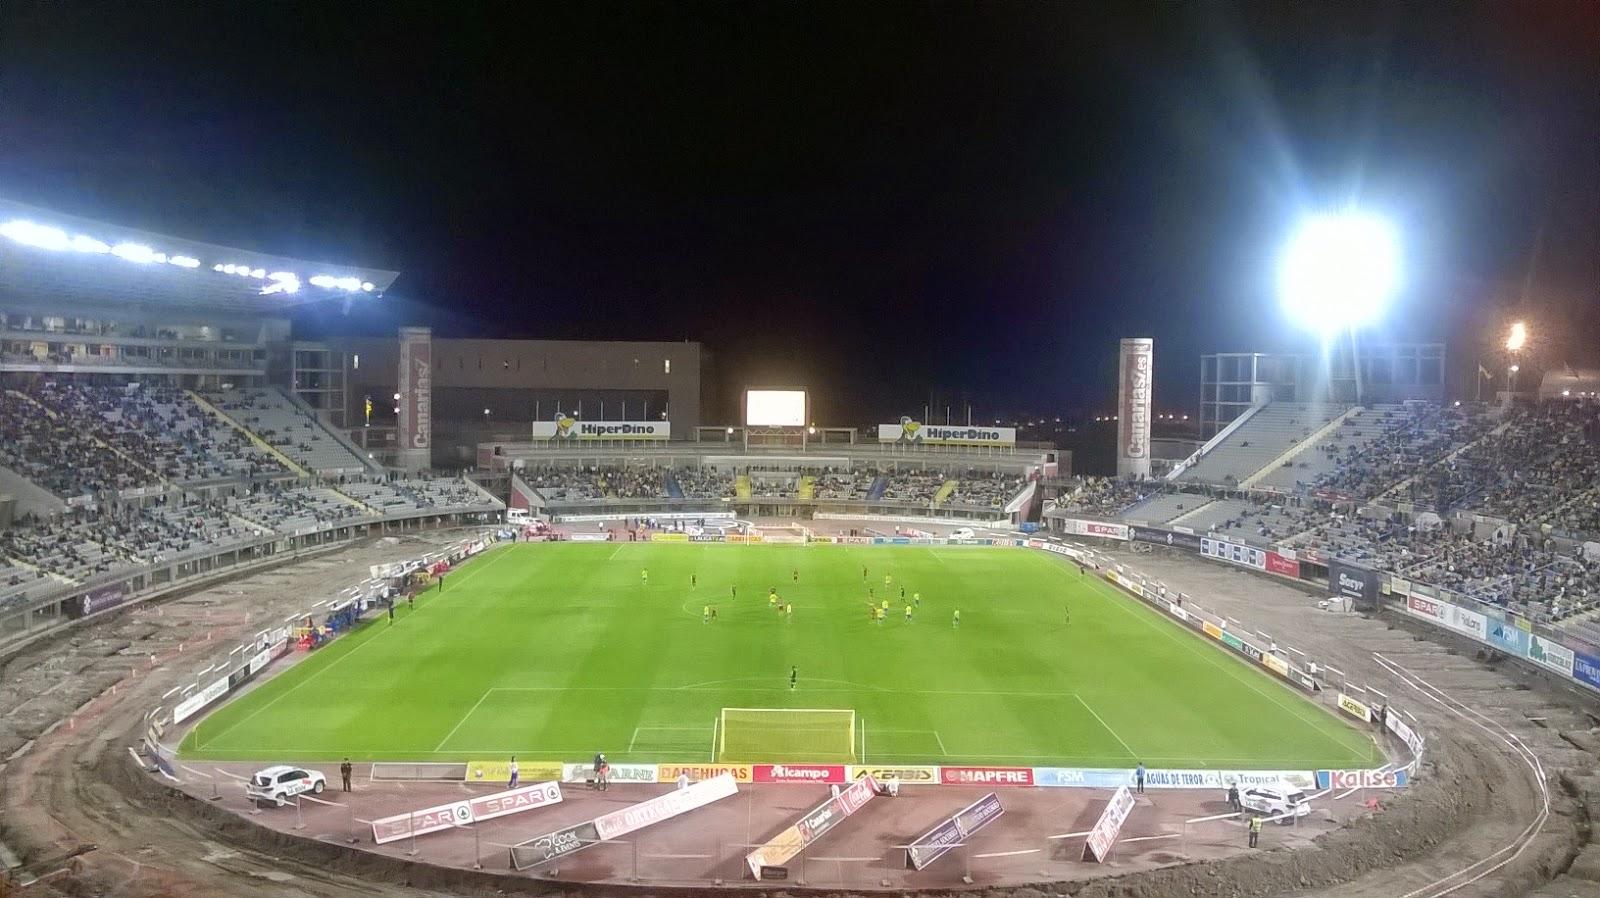 Vista del Estadio de Gran Canaria durante el partido